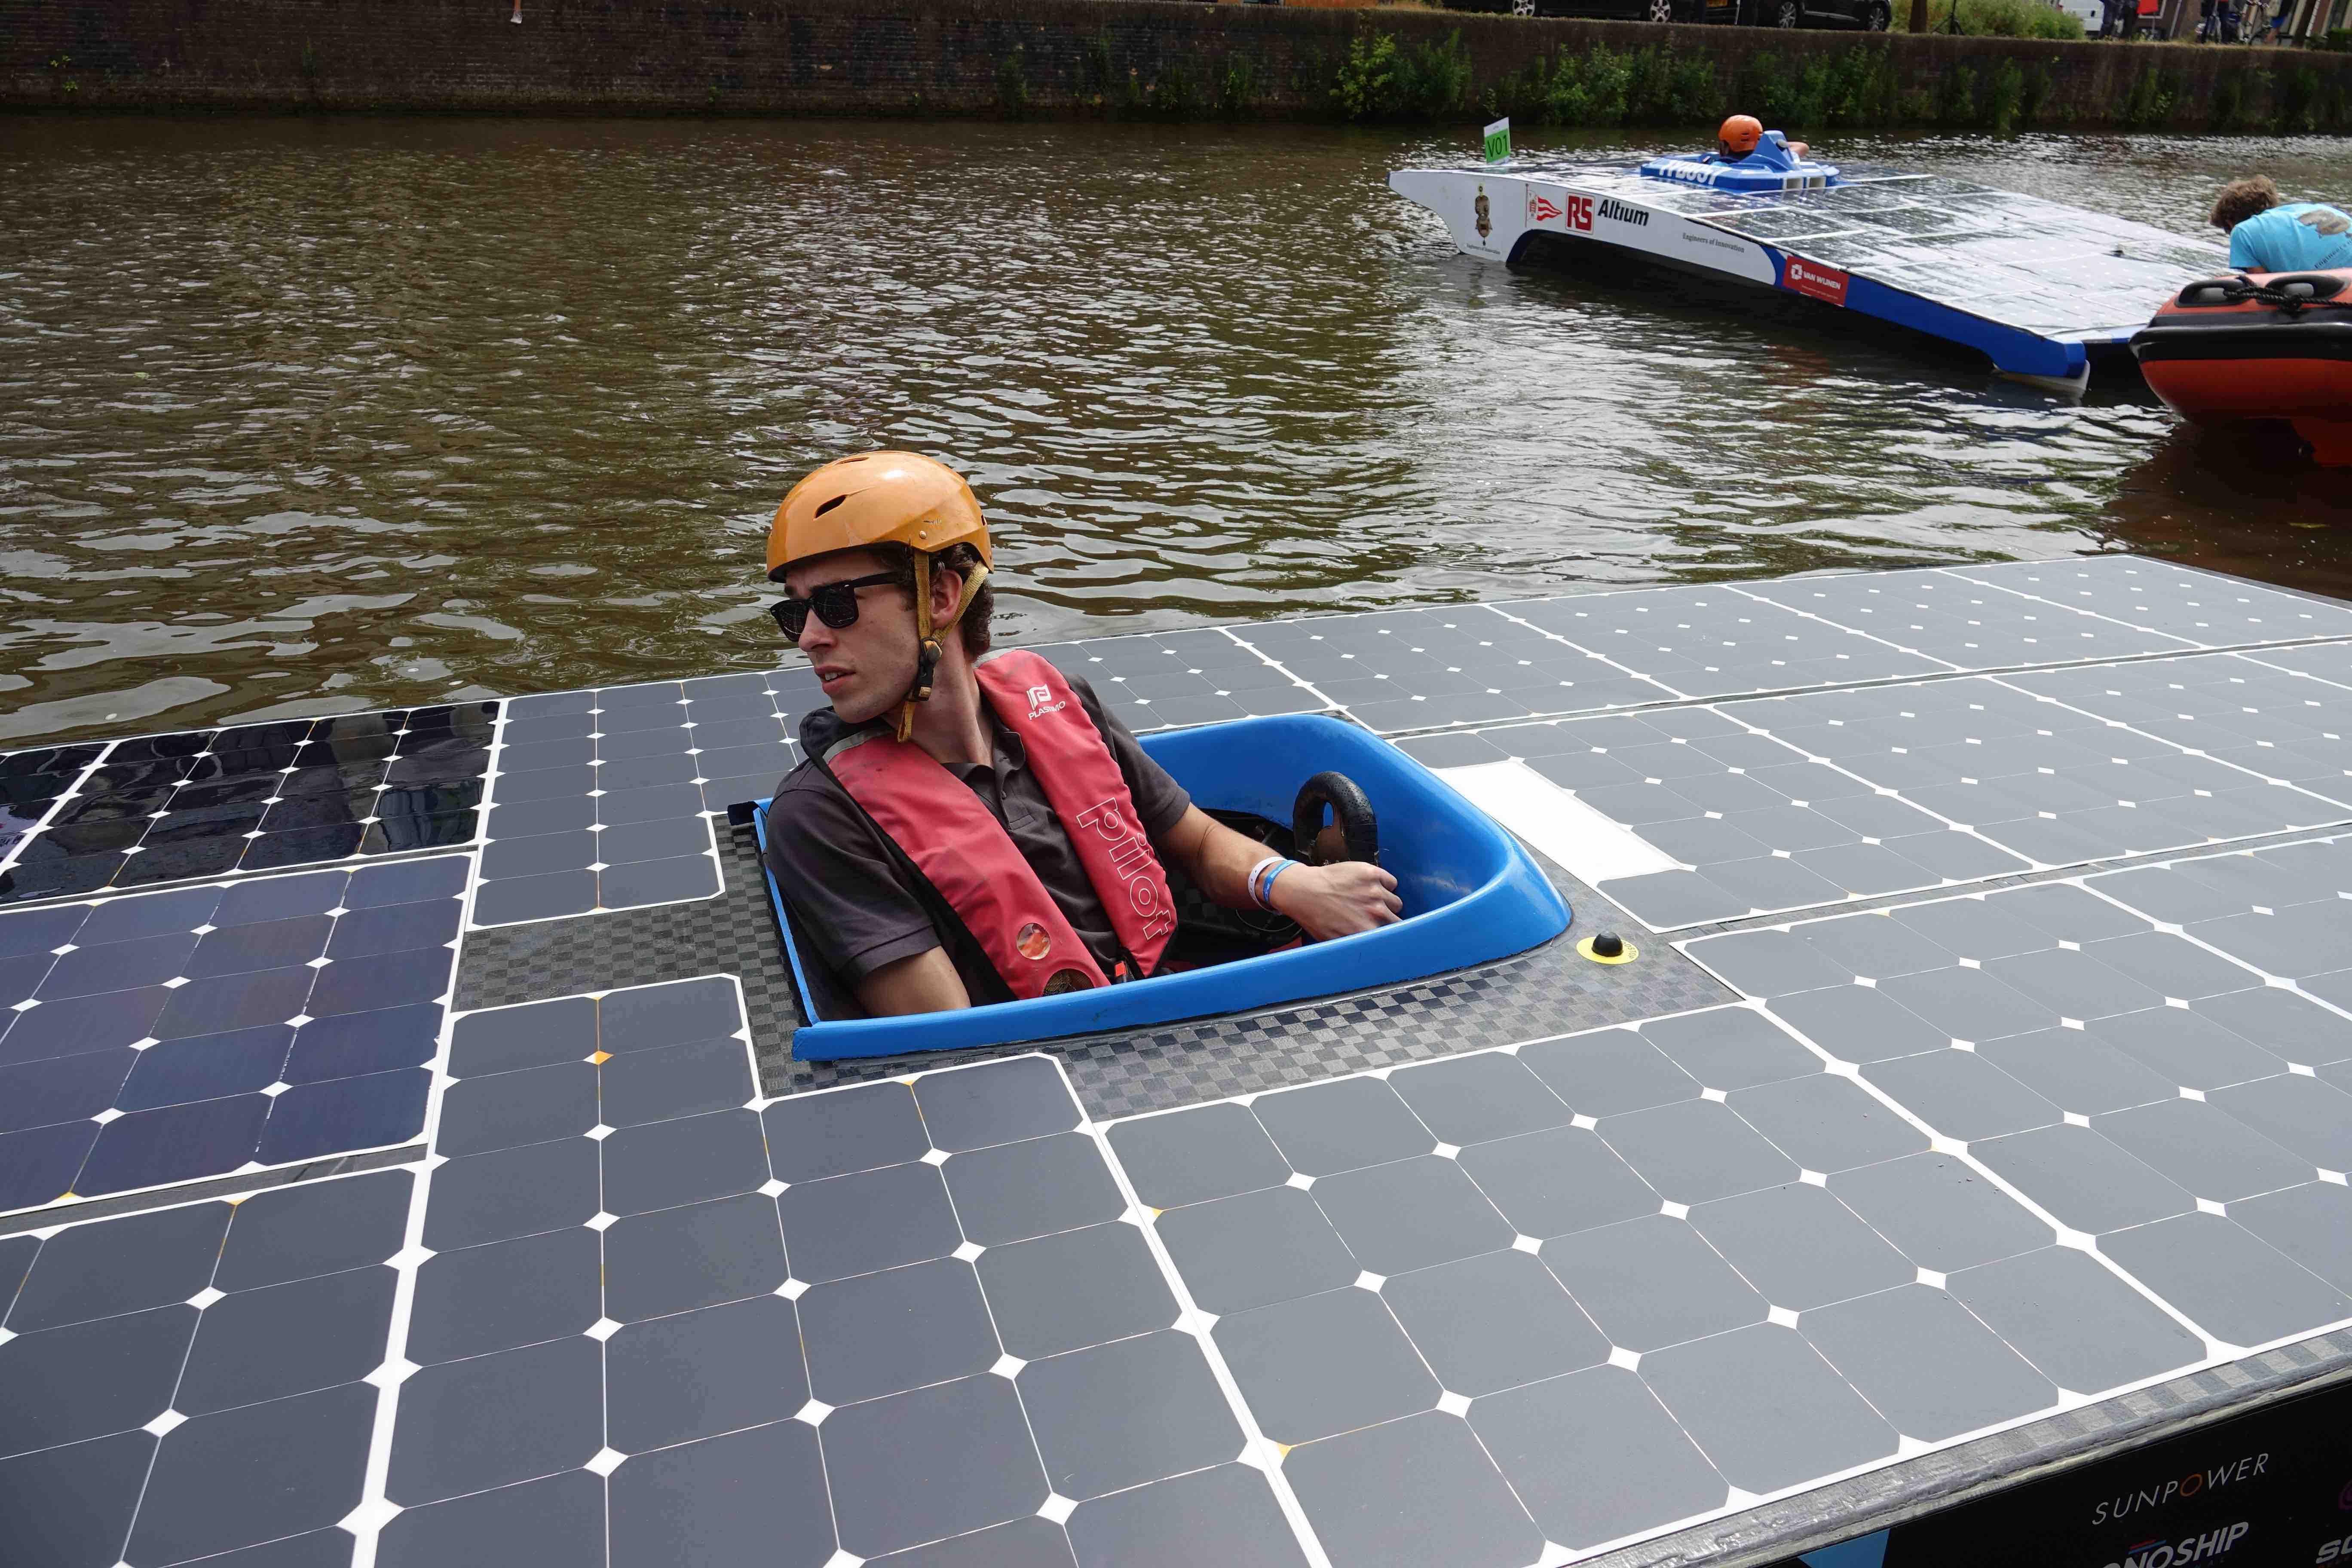 NaGa Solar - Dutch Solar Boat 06072018#DSC05632